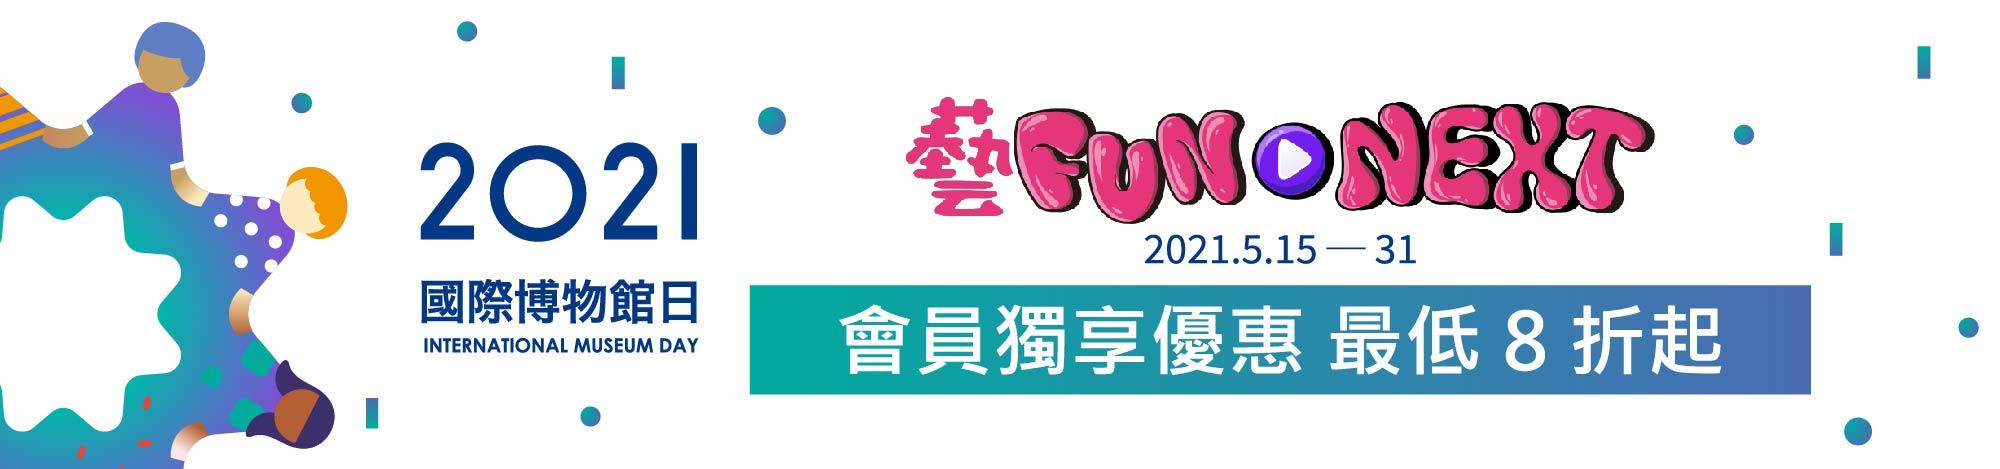 2021國際博物館日